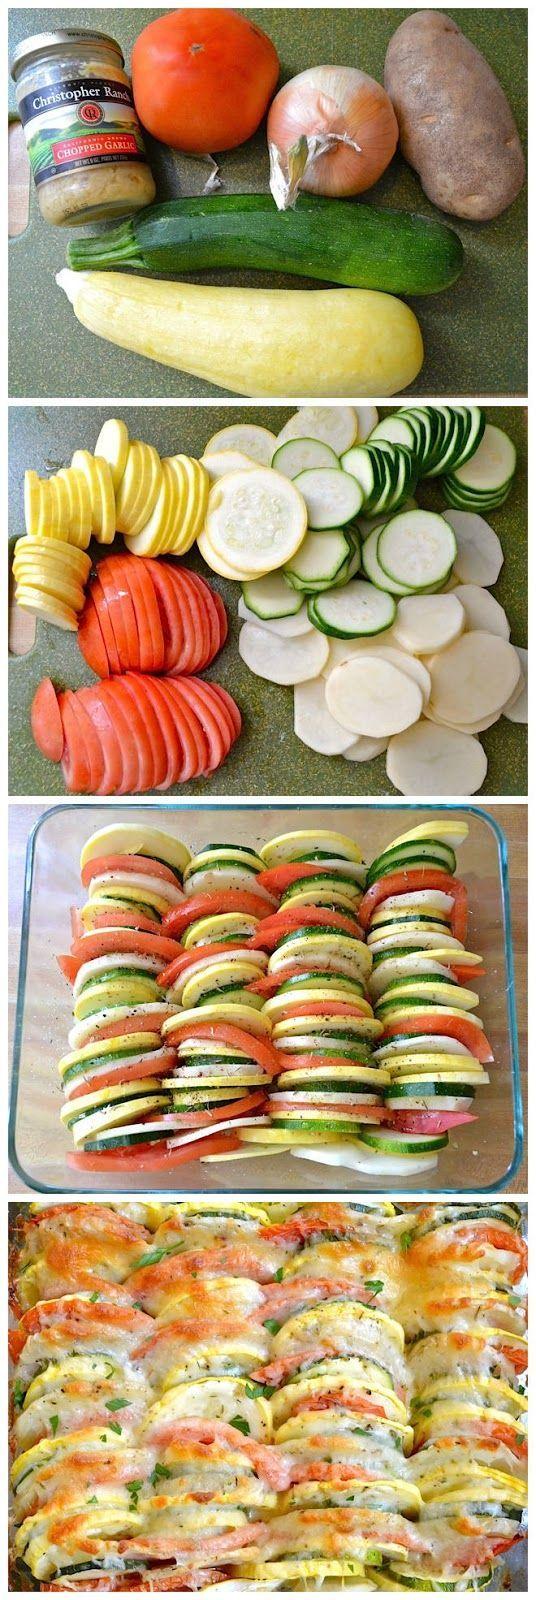 Gratin de légumes : Pommes de terre, aubergines, tomates, oignons, courgettes et un soupçon de parmesan...